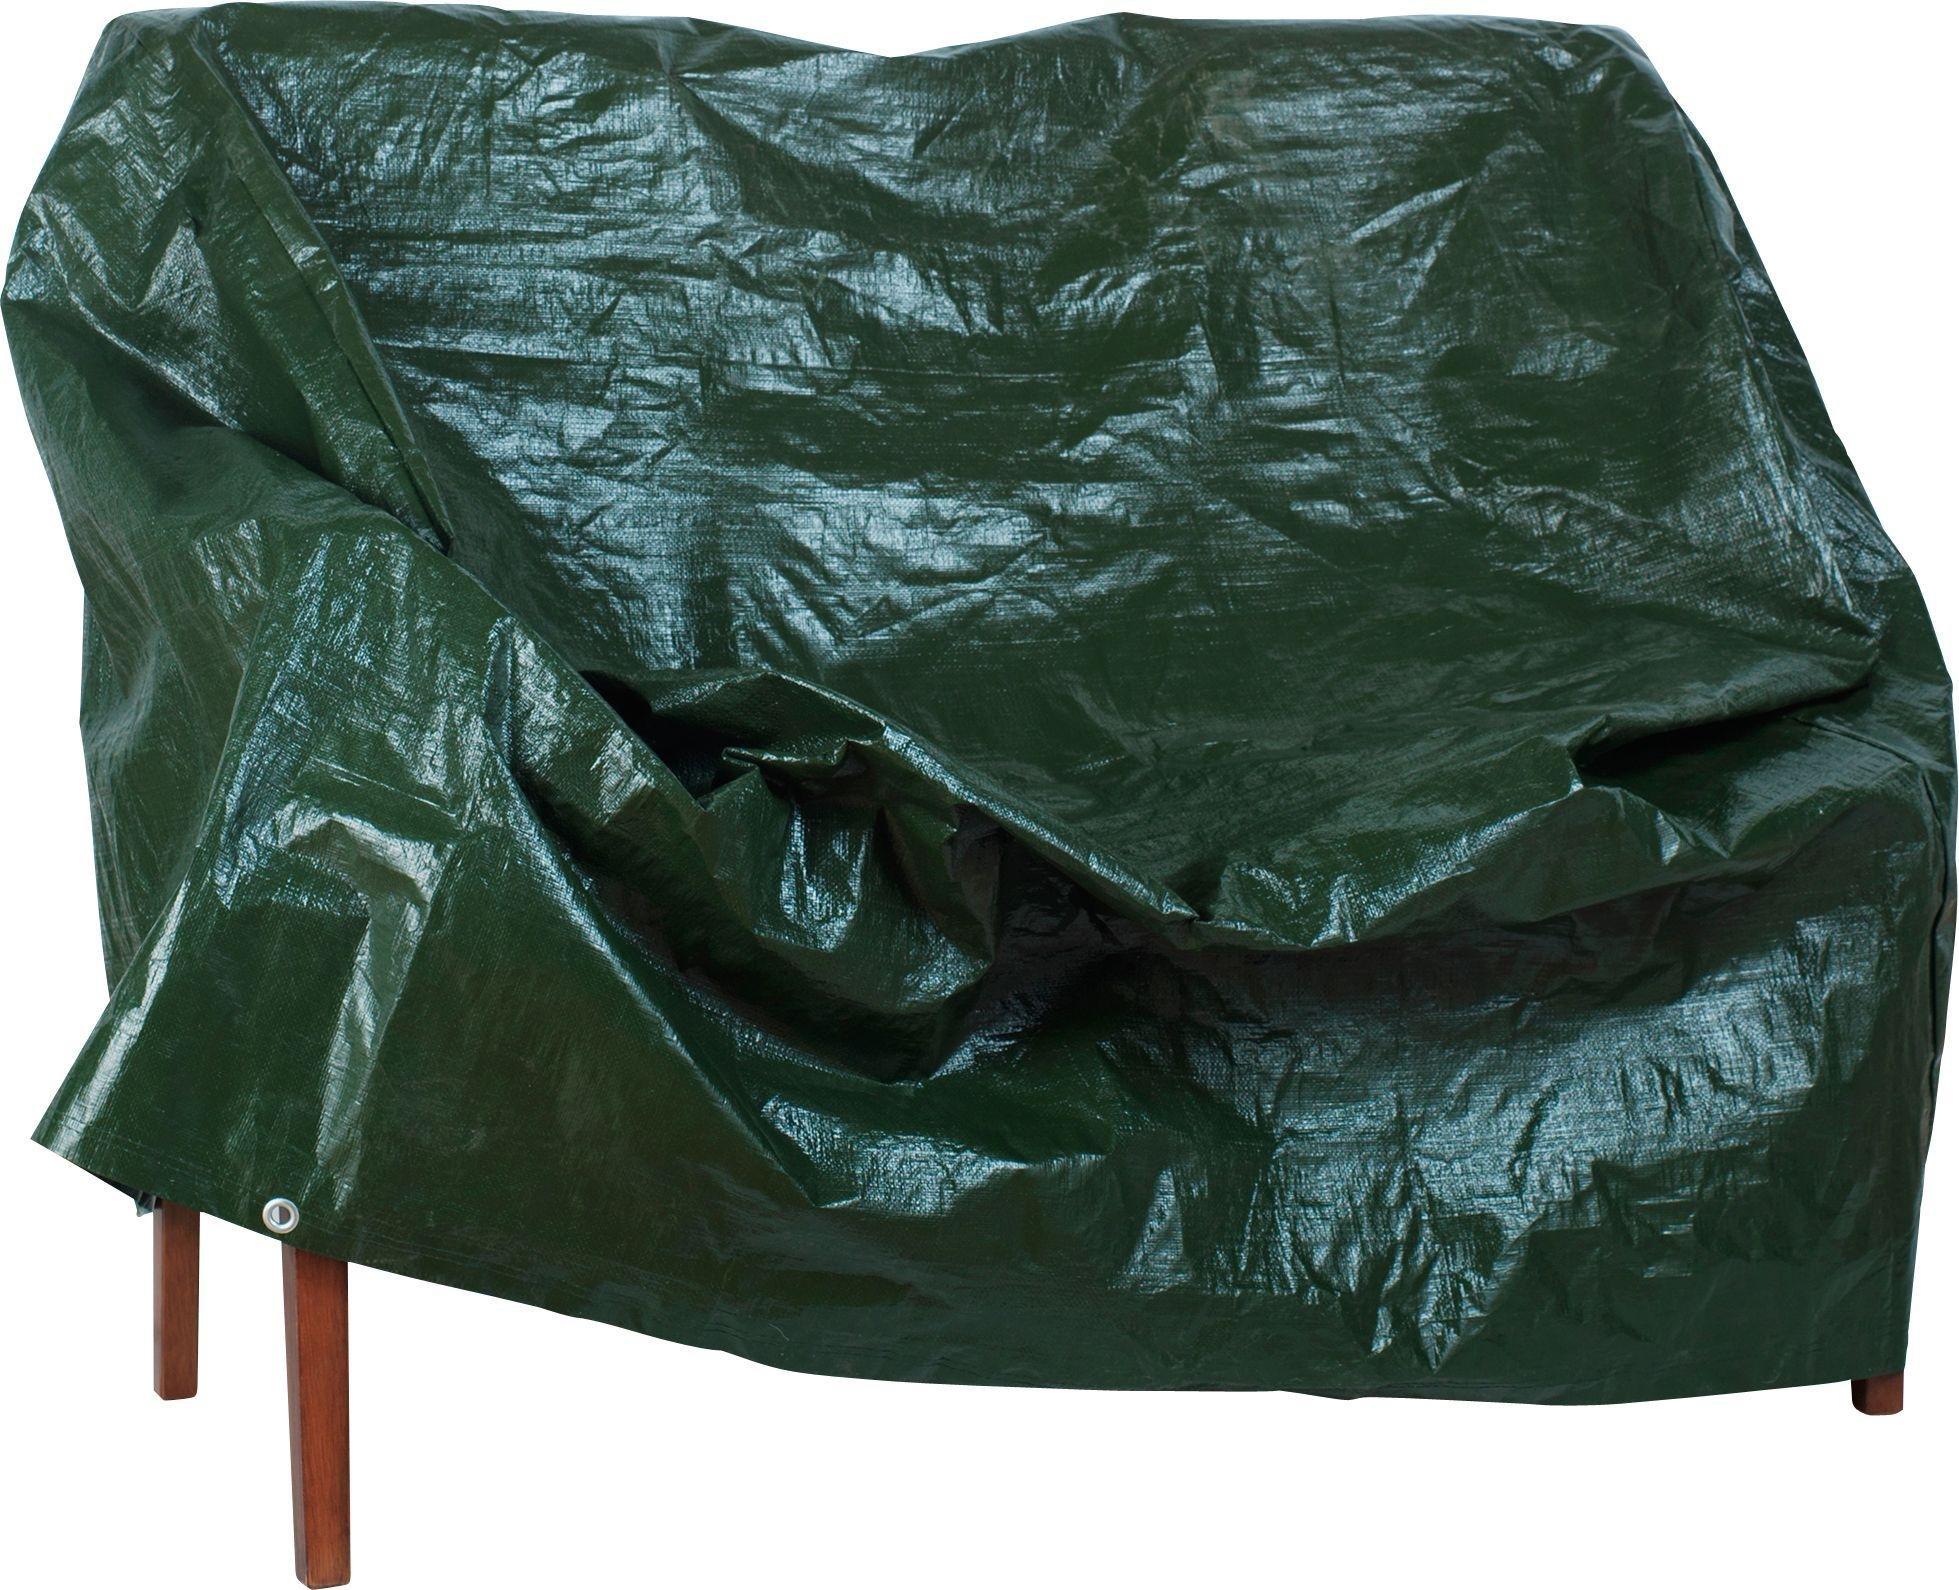 Argos Home Heavy Duty 4ft Garden Bench Cover